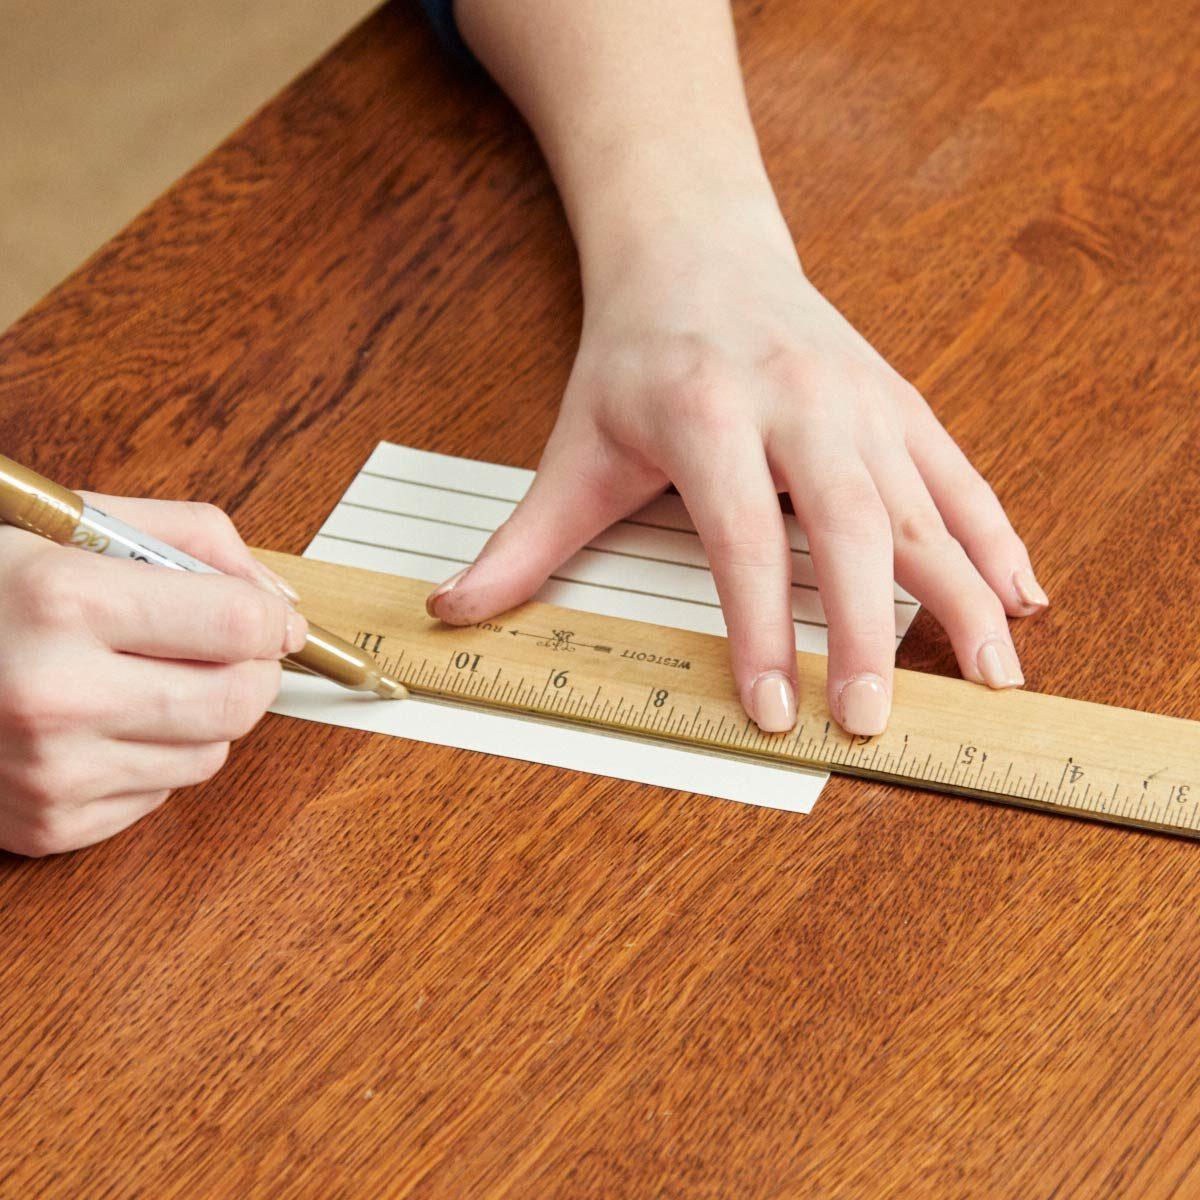 DIY-Art-herringbone-patter-draw-lines